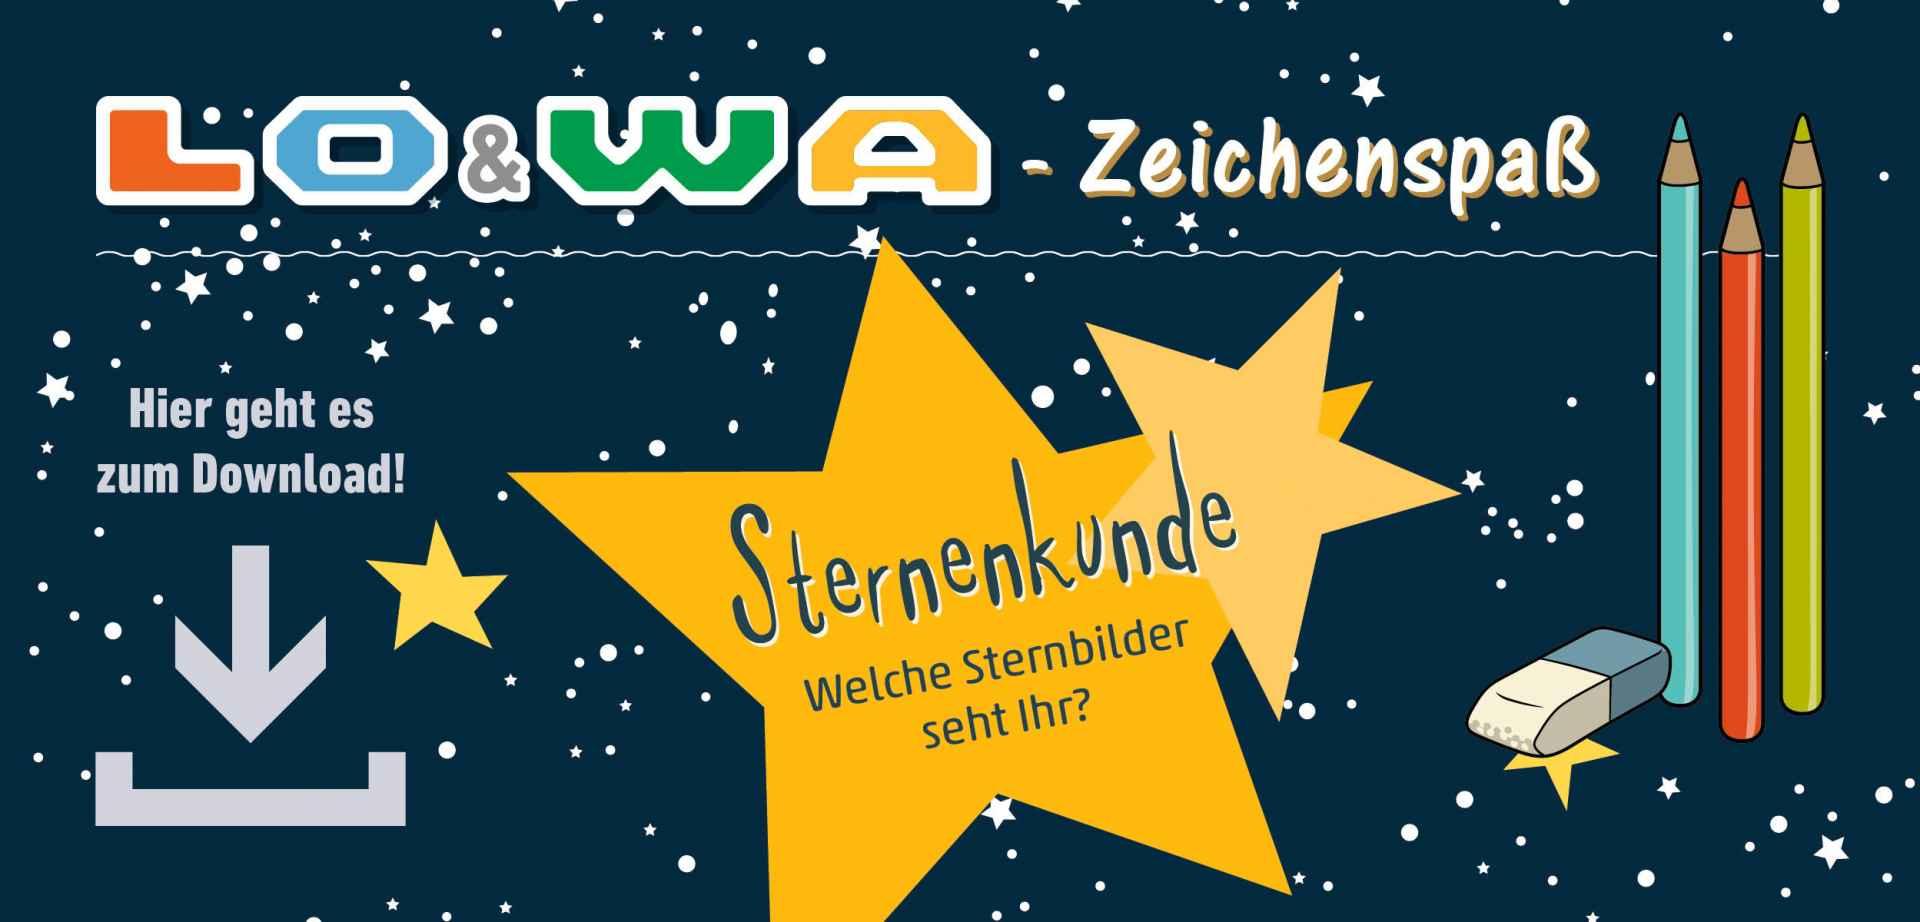 teaser_sternenkunde_2021-1